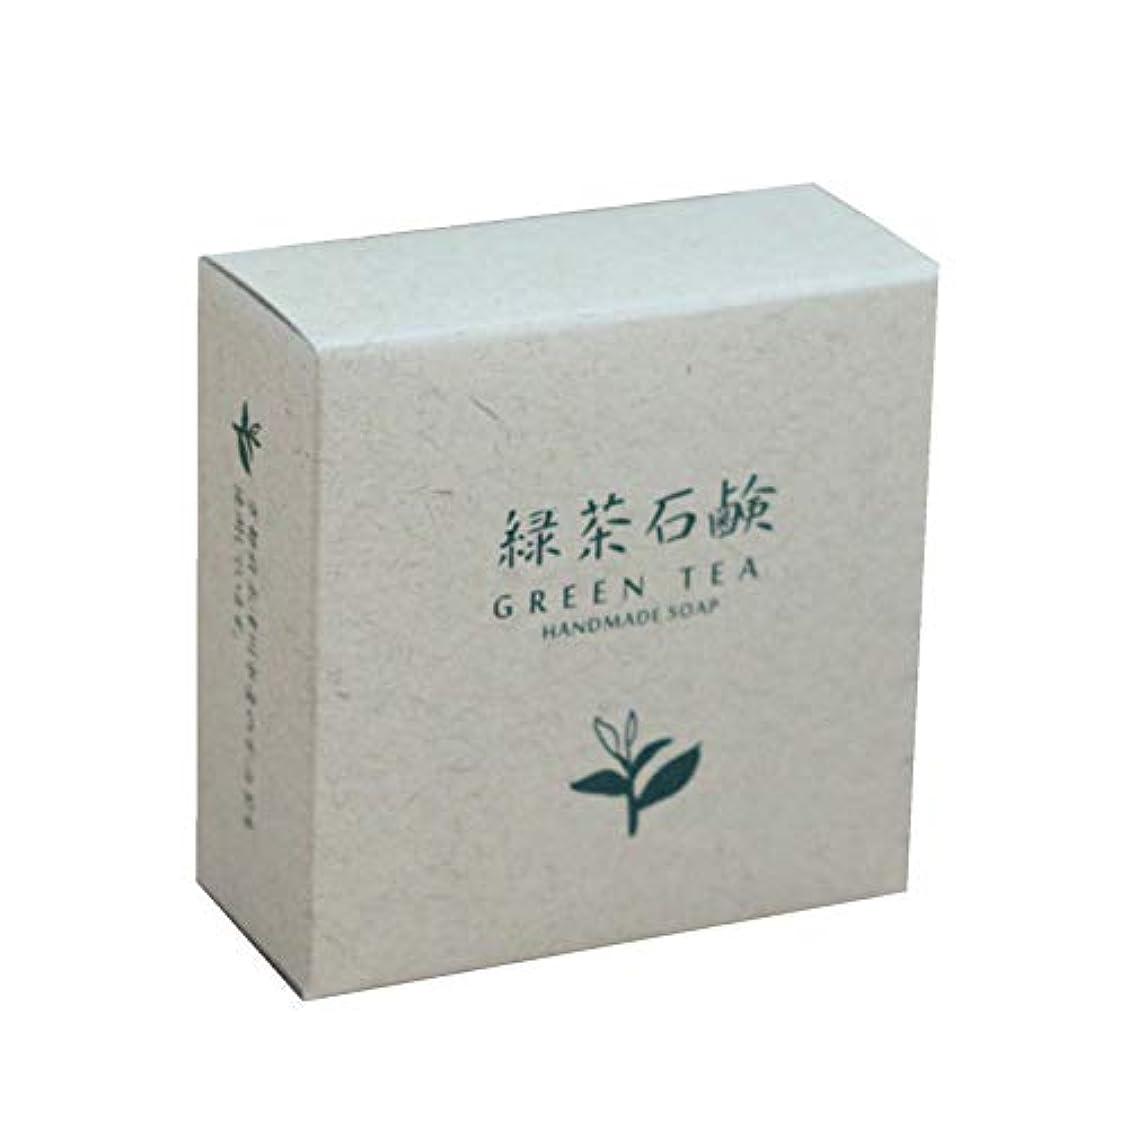 船形羊の老人緑茶石鹸